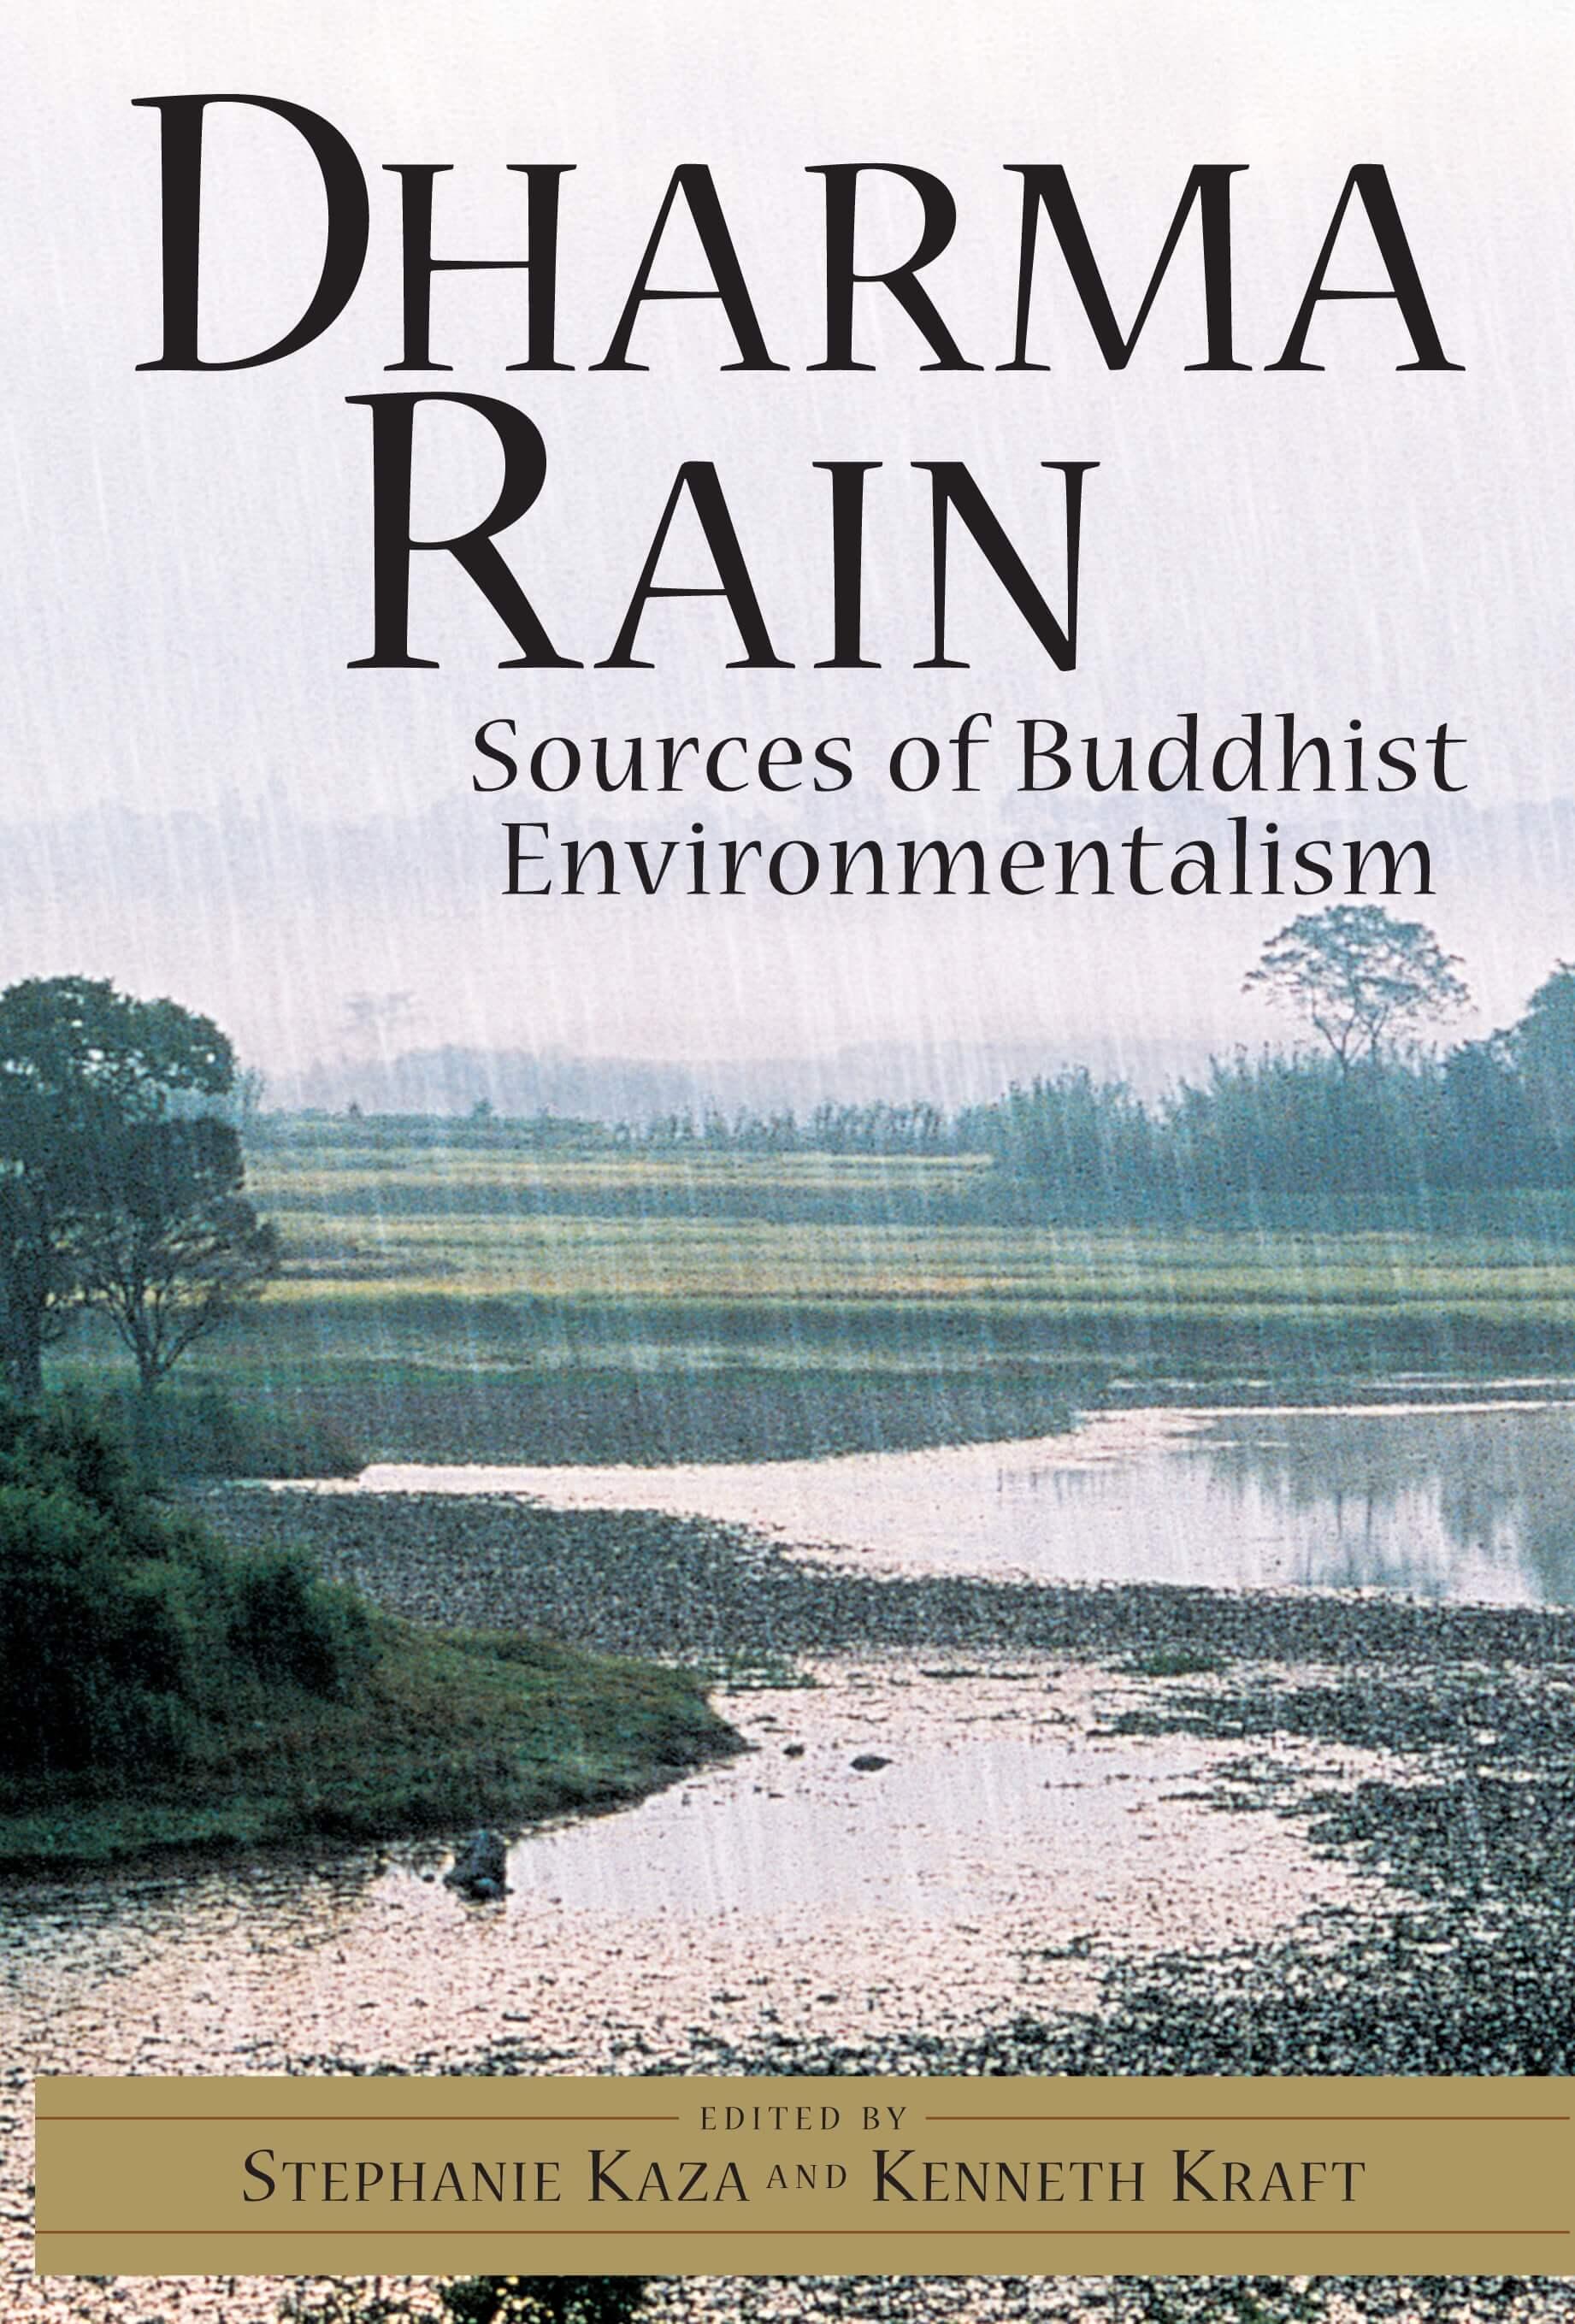 Dharma Rain mech